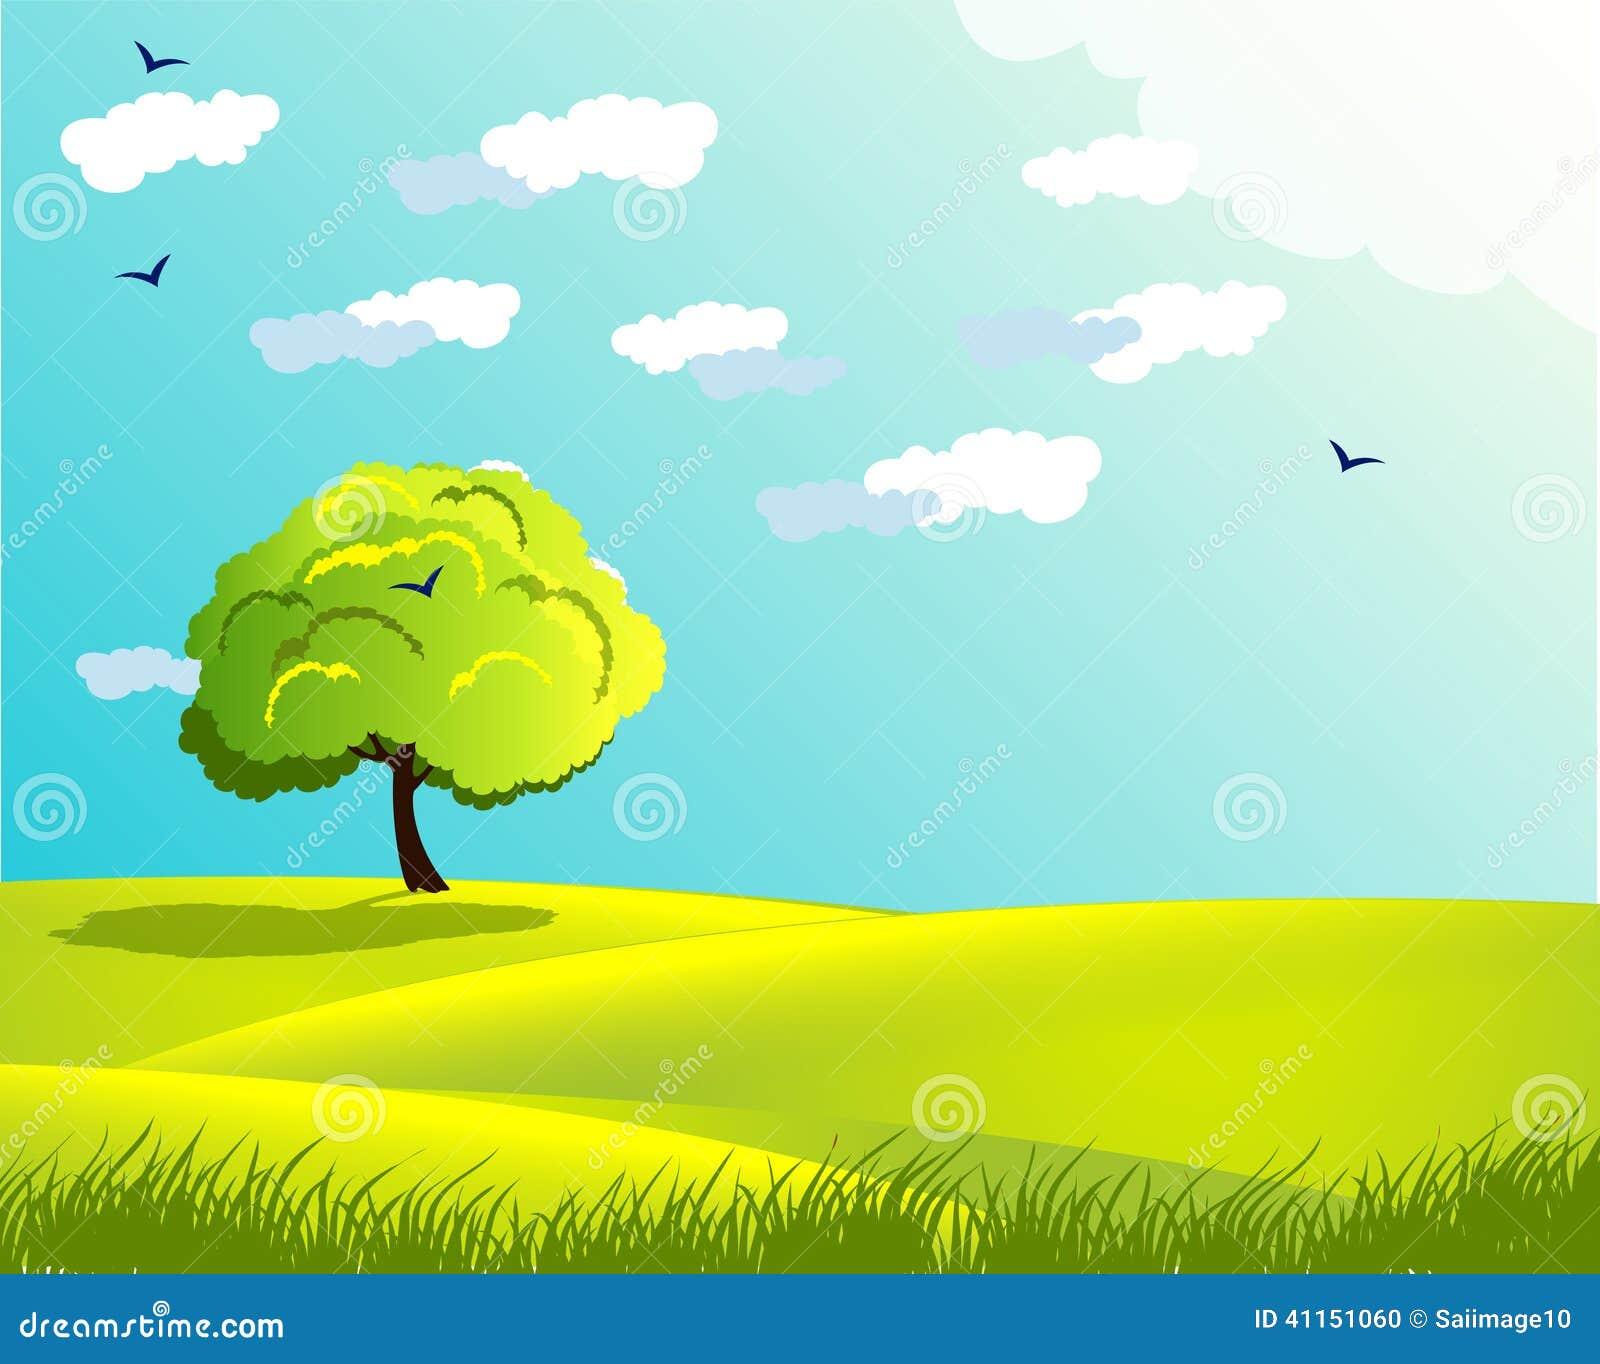 云彩美化与树太阳全国环境草本在另外颜色的草鸟.天空大型房地产设计公司图片